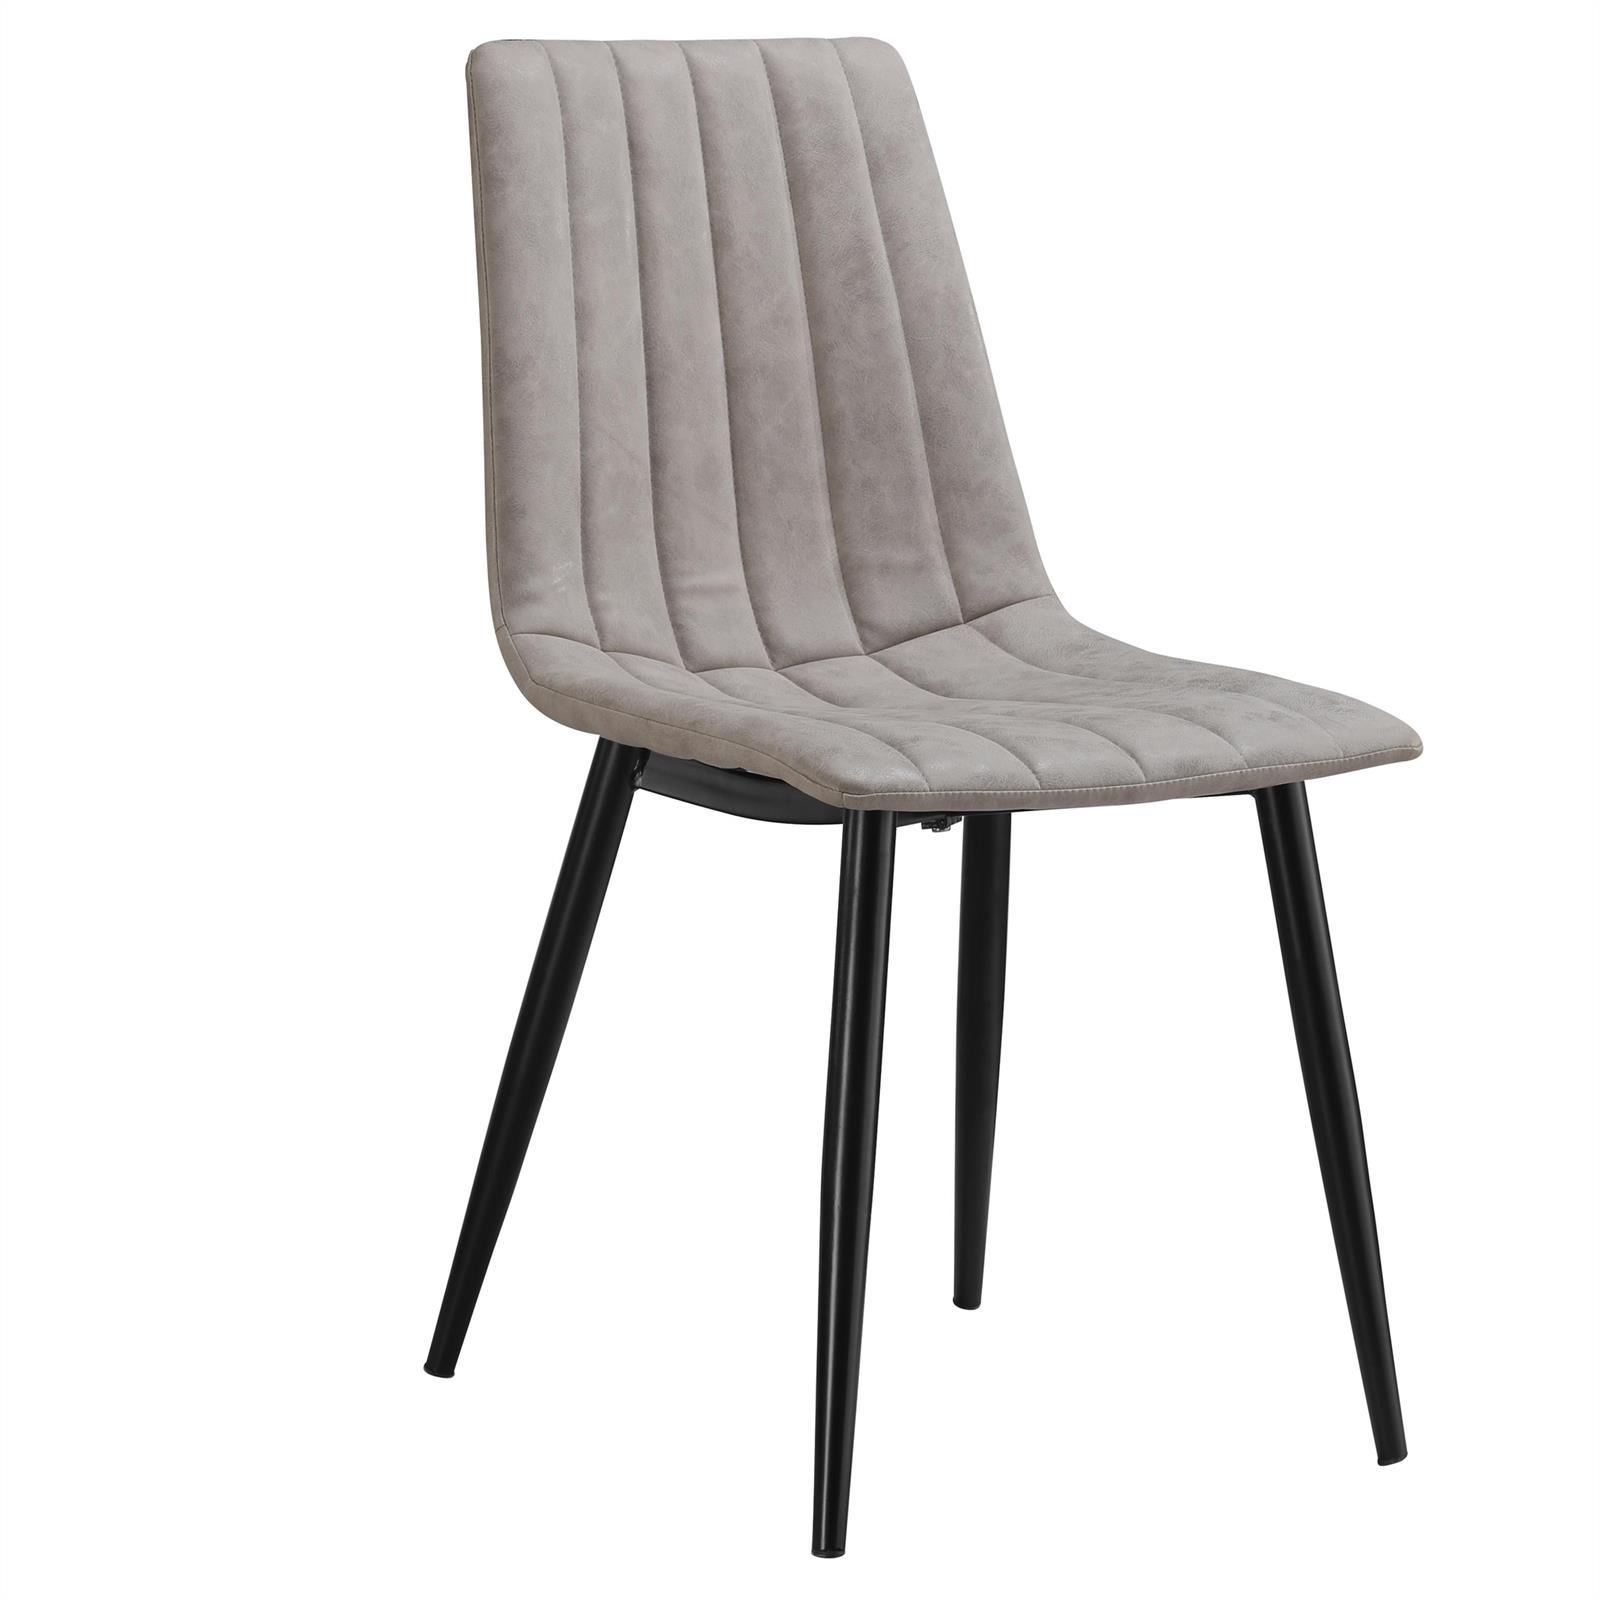 esszimmerstuhl 4er set k chen polsterstuhl design retro vintage wildleder look ebay. Black Bedroom Furniture Sets. Home Design Ideas